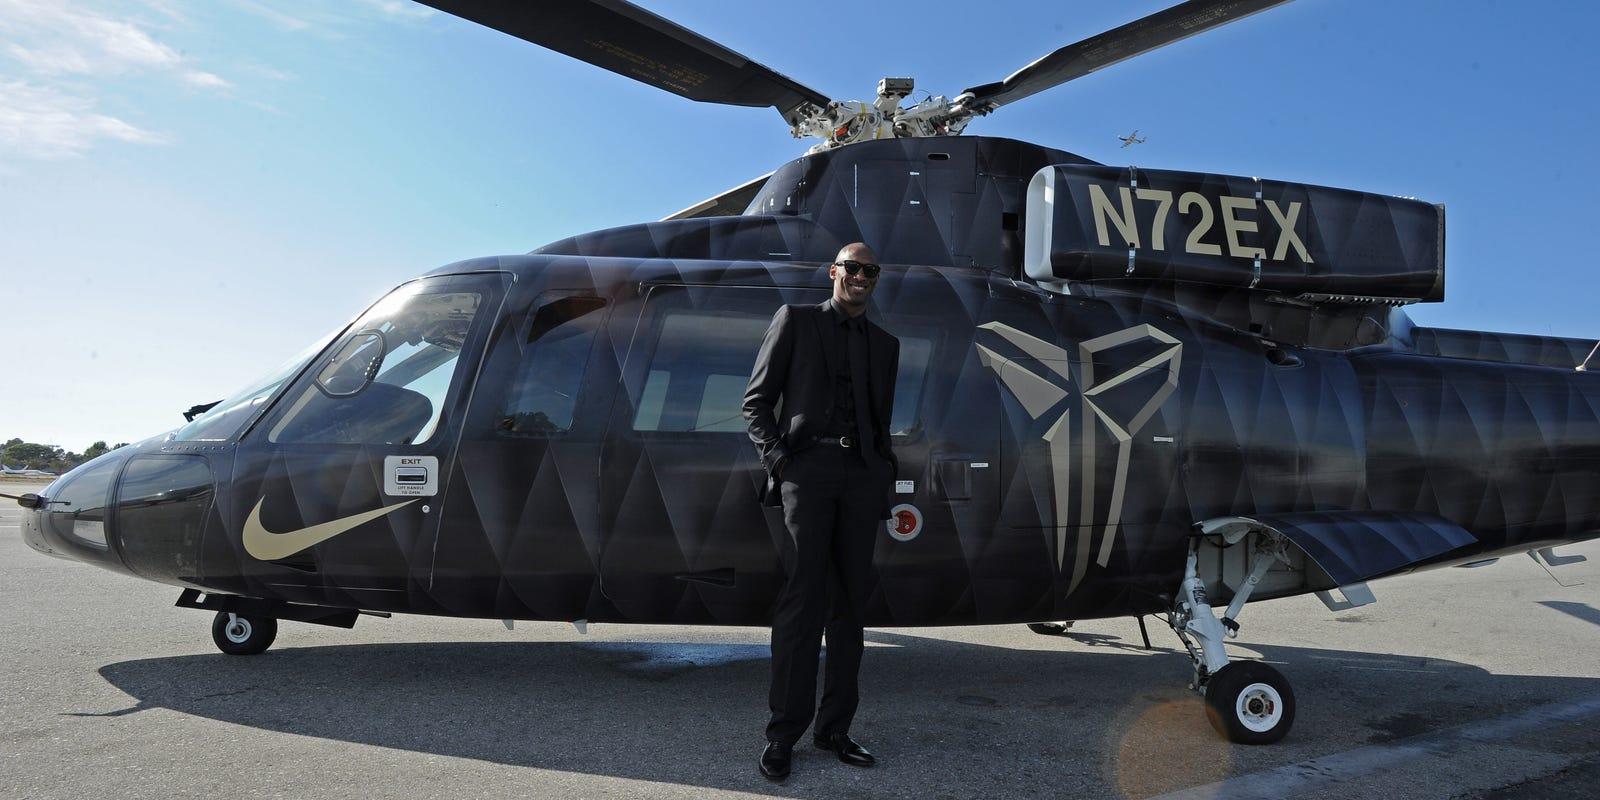 Helicóptero no poseía dispositivo de advertencia